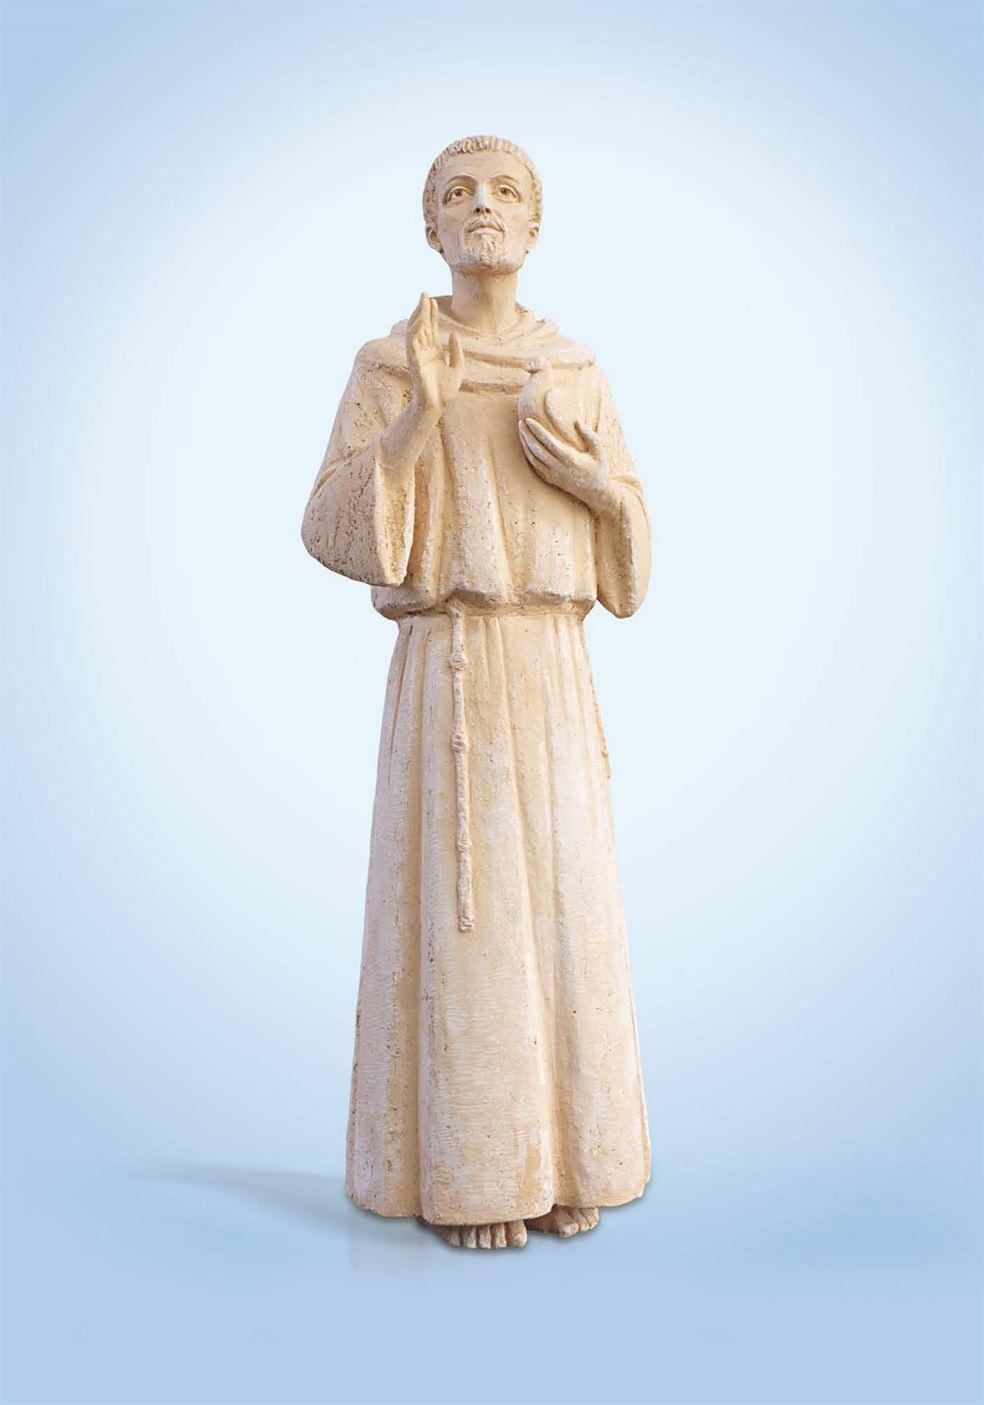 скульптура мудрец